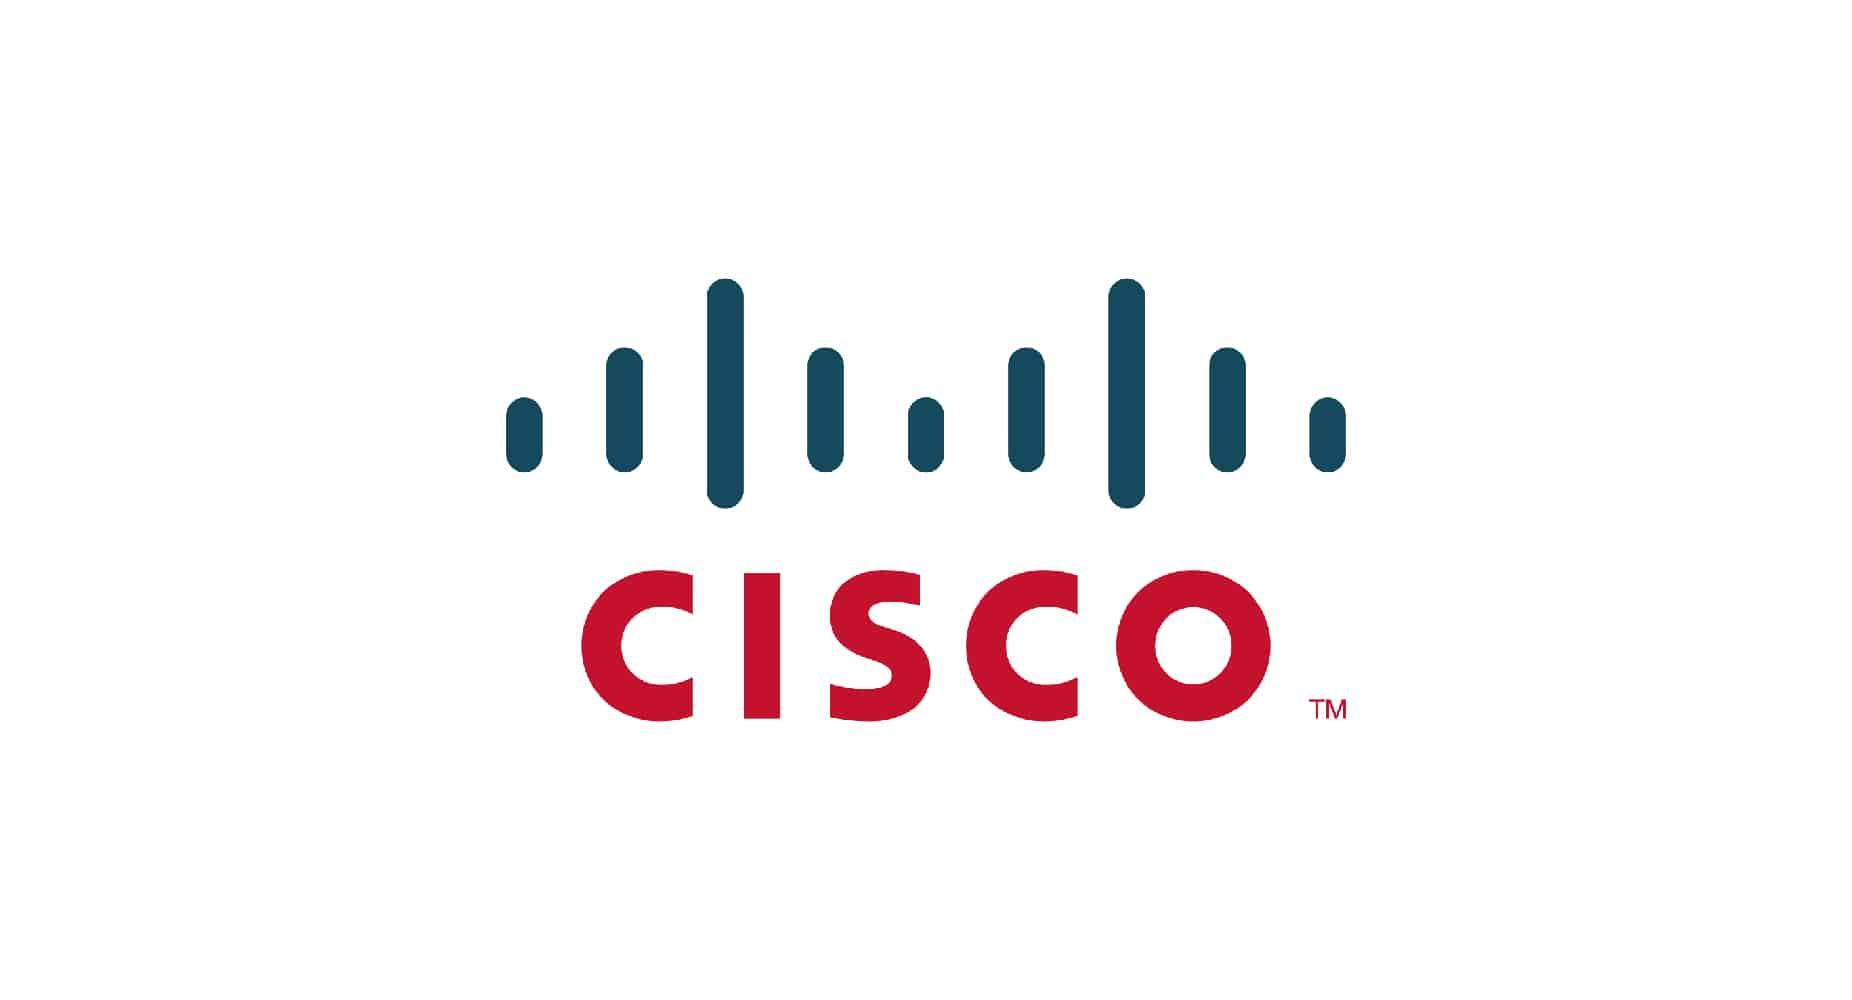 cisco branding